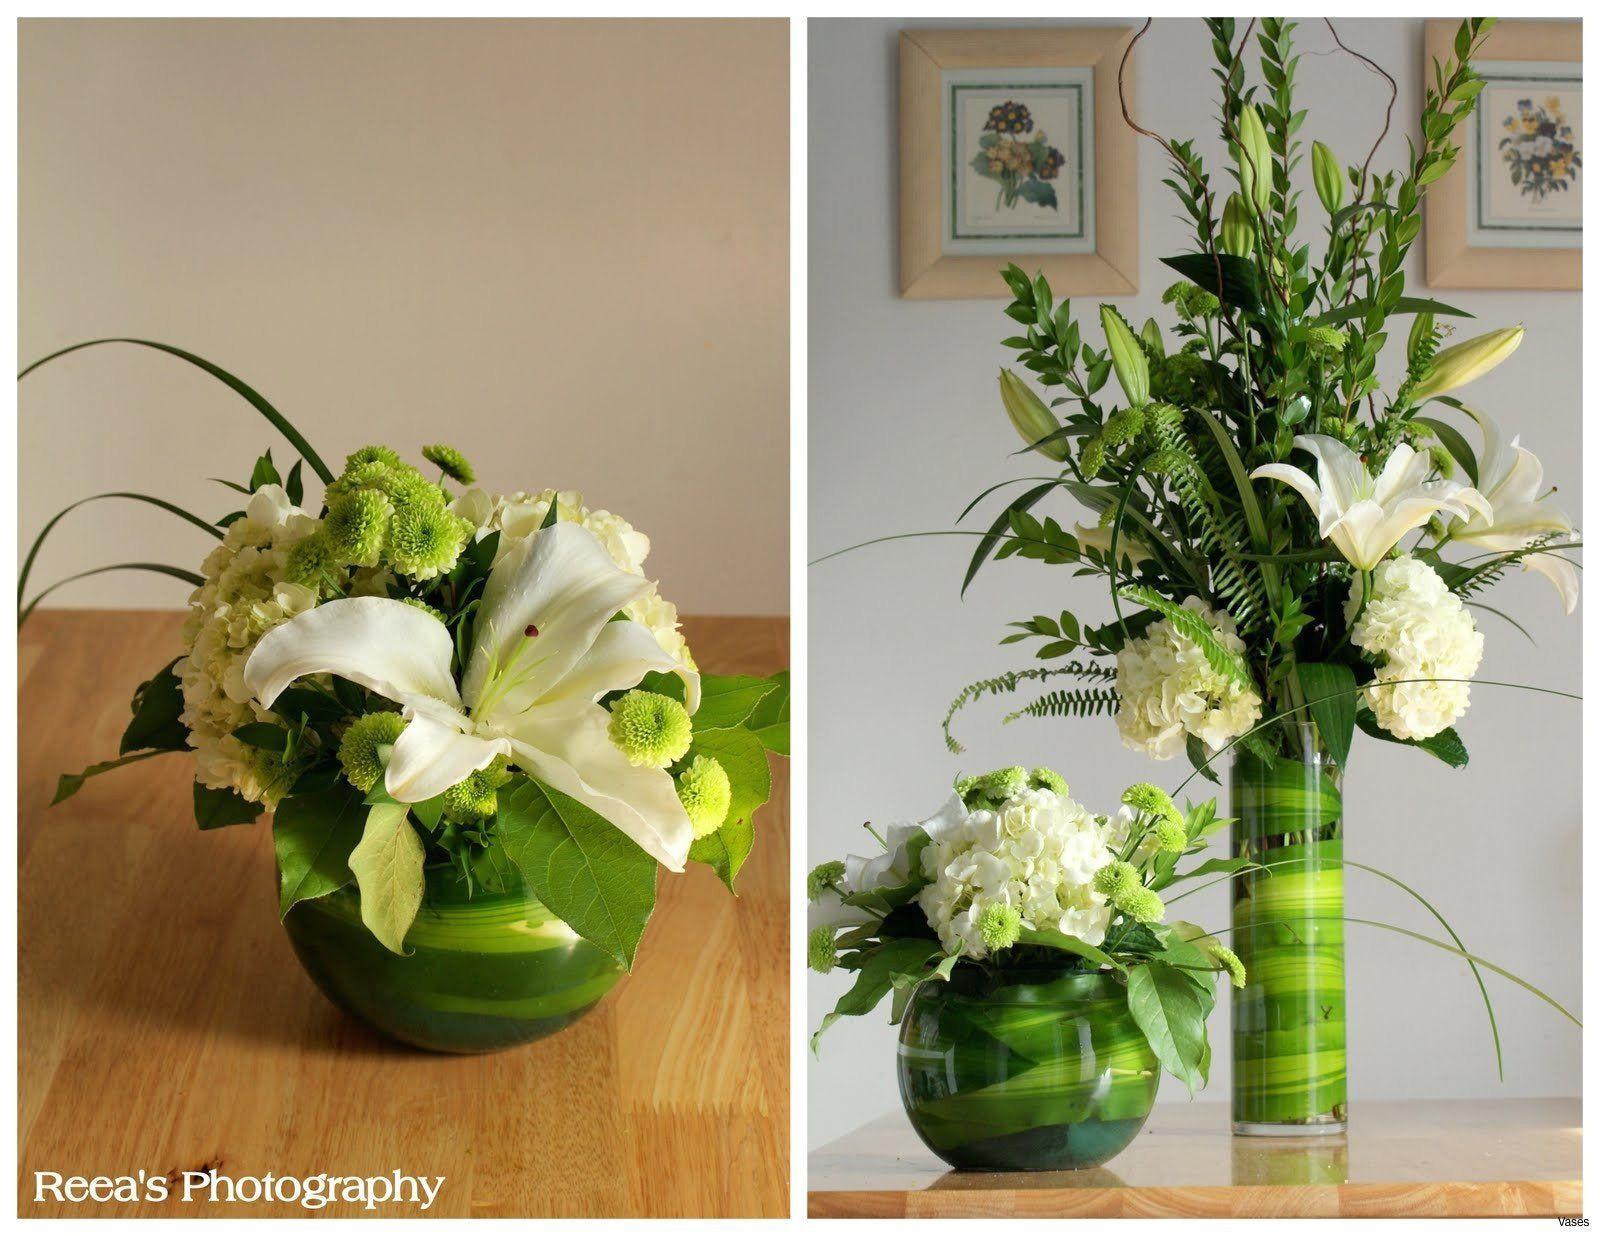 flower vase gems of 21 flower arrangement in vase the weekly world with regard to 21 flower arrangement in vase